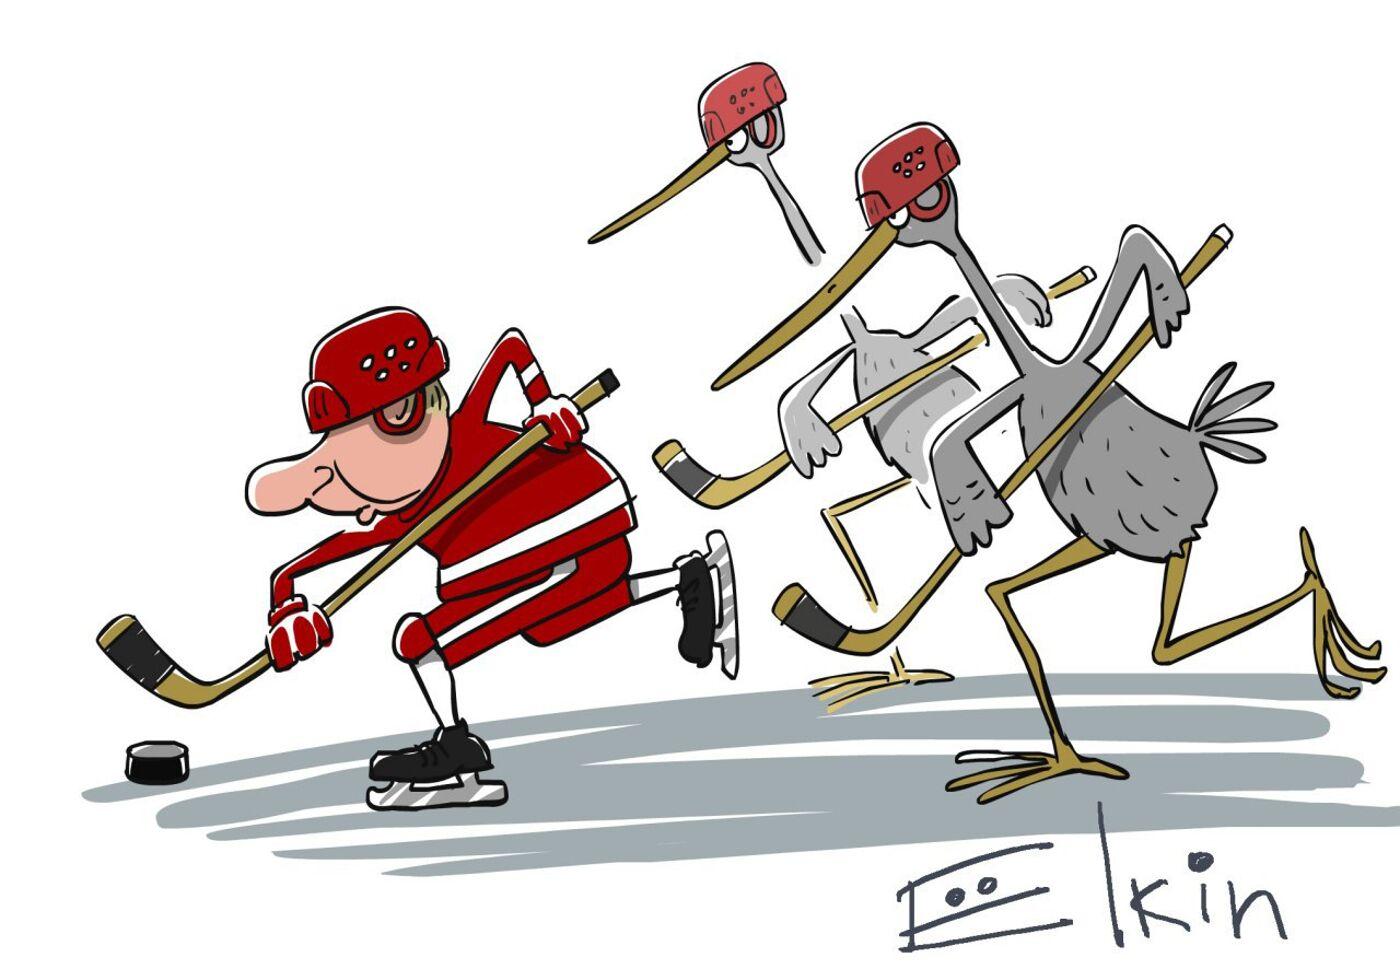 Открытки, смешные рисунки хоккей